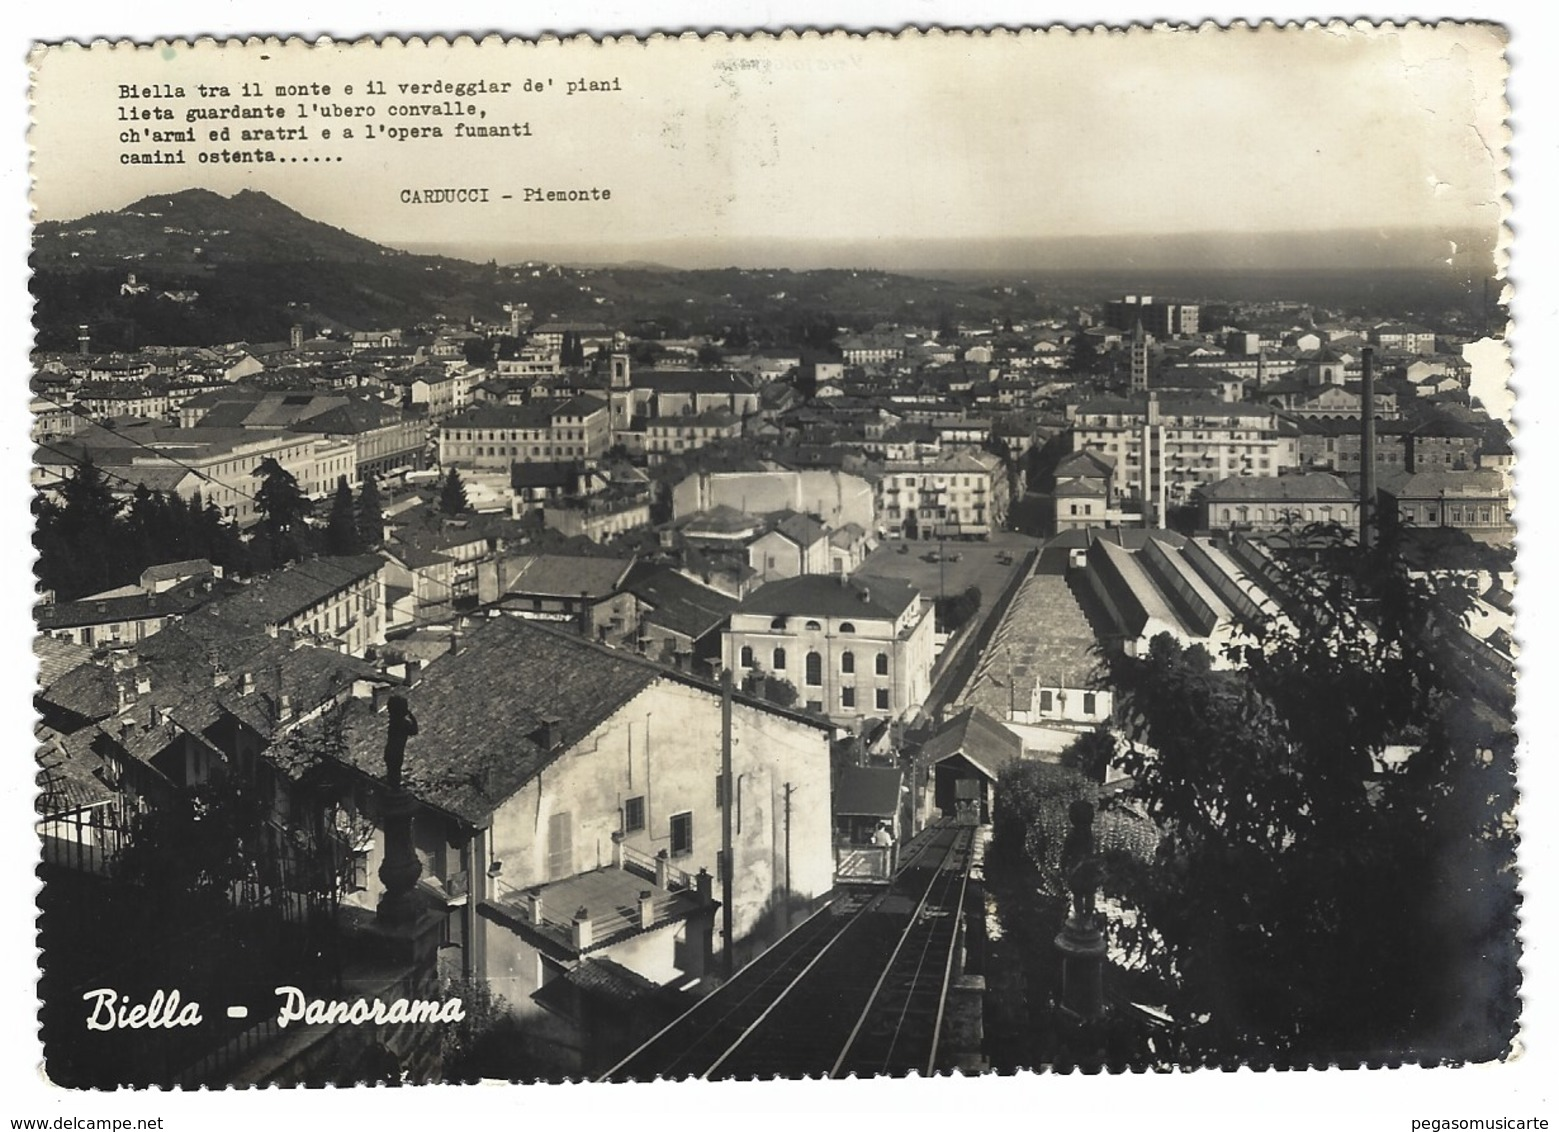 4157 - BIELLA PANORAMA FERROVIA TRENO 1953 - Biella